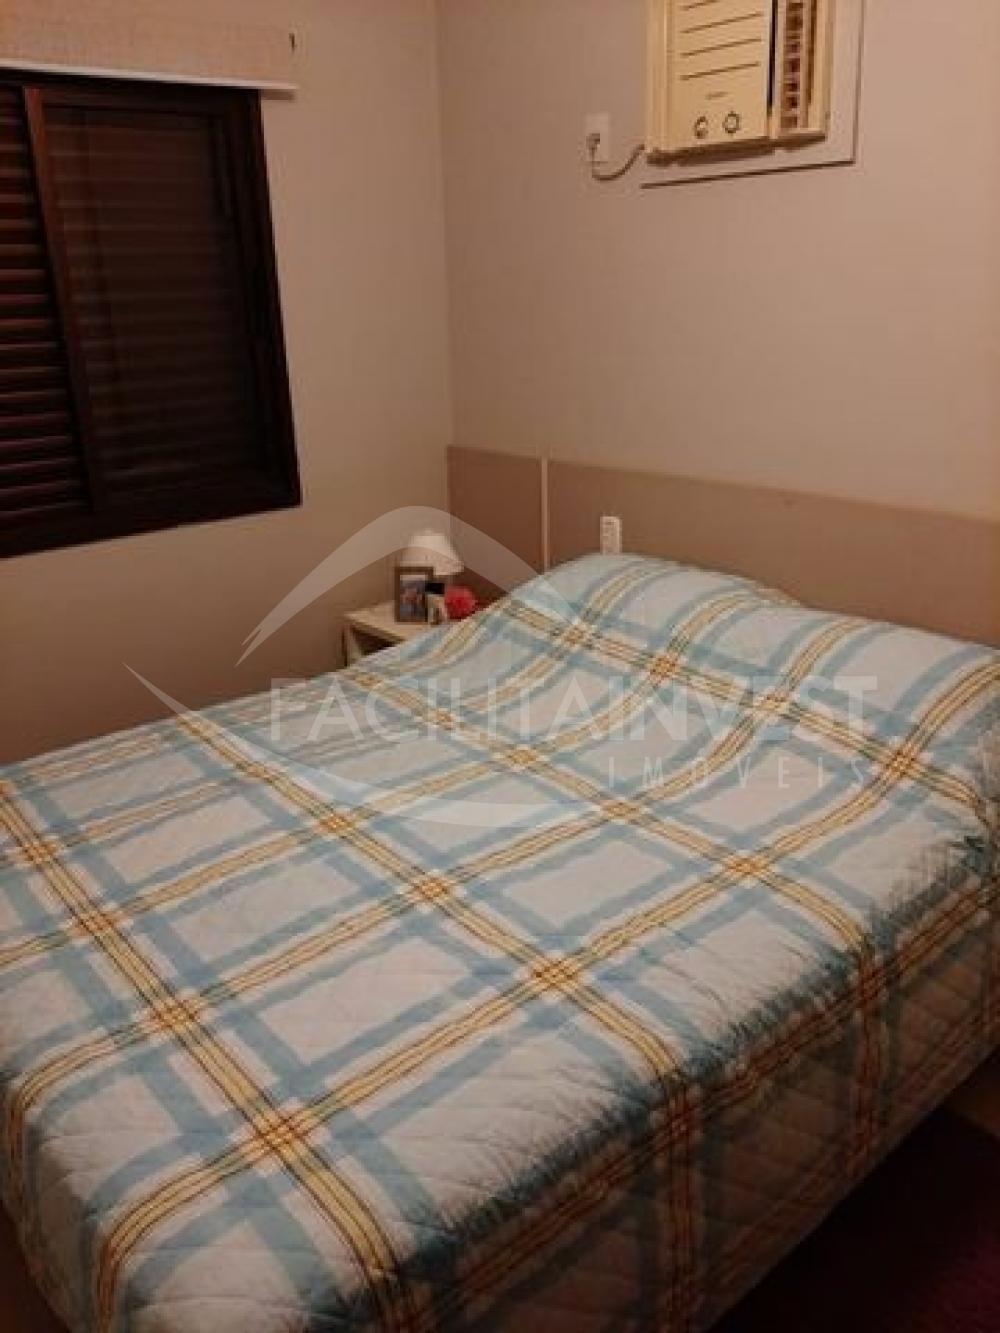 Alugar Apartamentos / Apartamento Mobiliado em Ribeirão Preto apenas R$ 1.400,00 - Foto 7